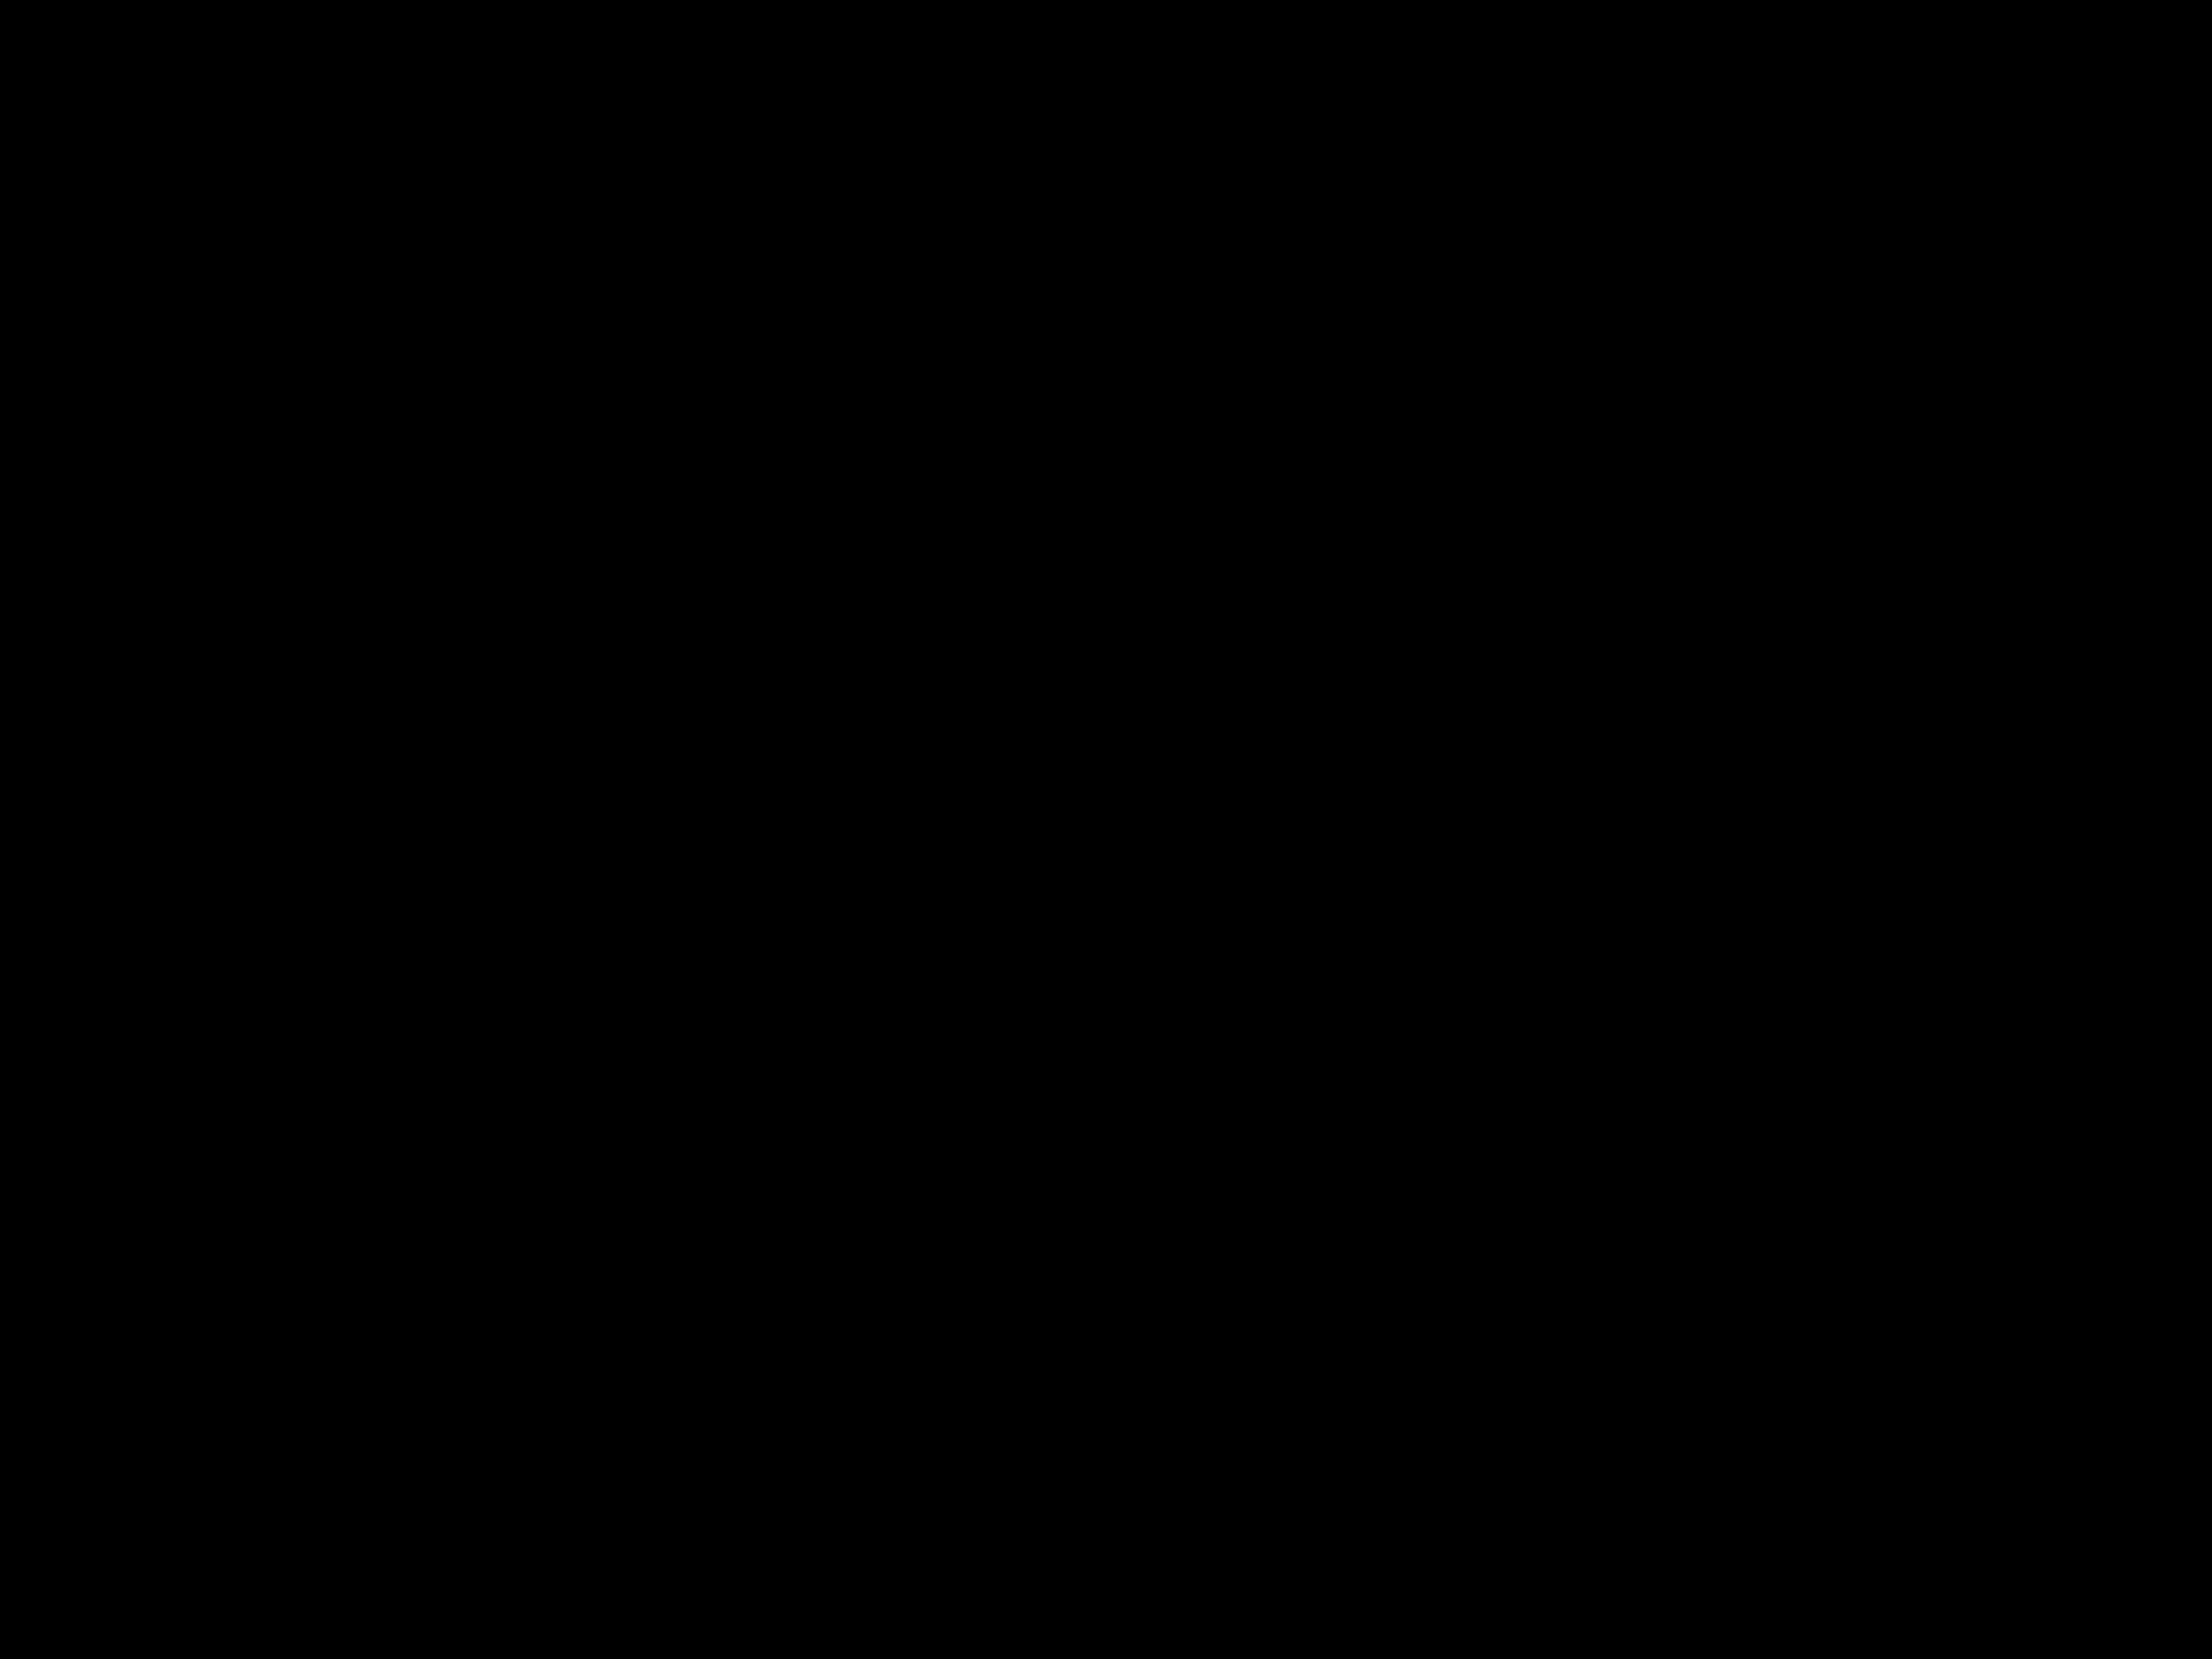 Daniel Carreon's Signature